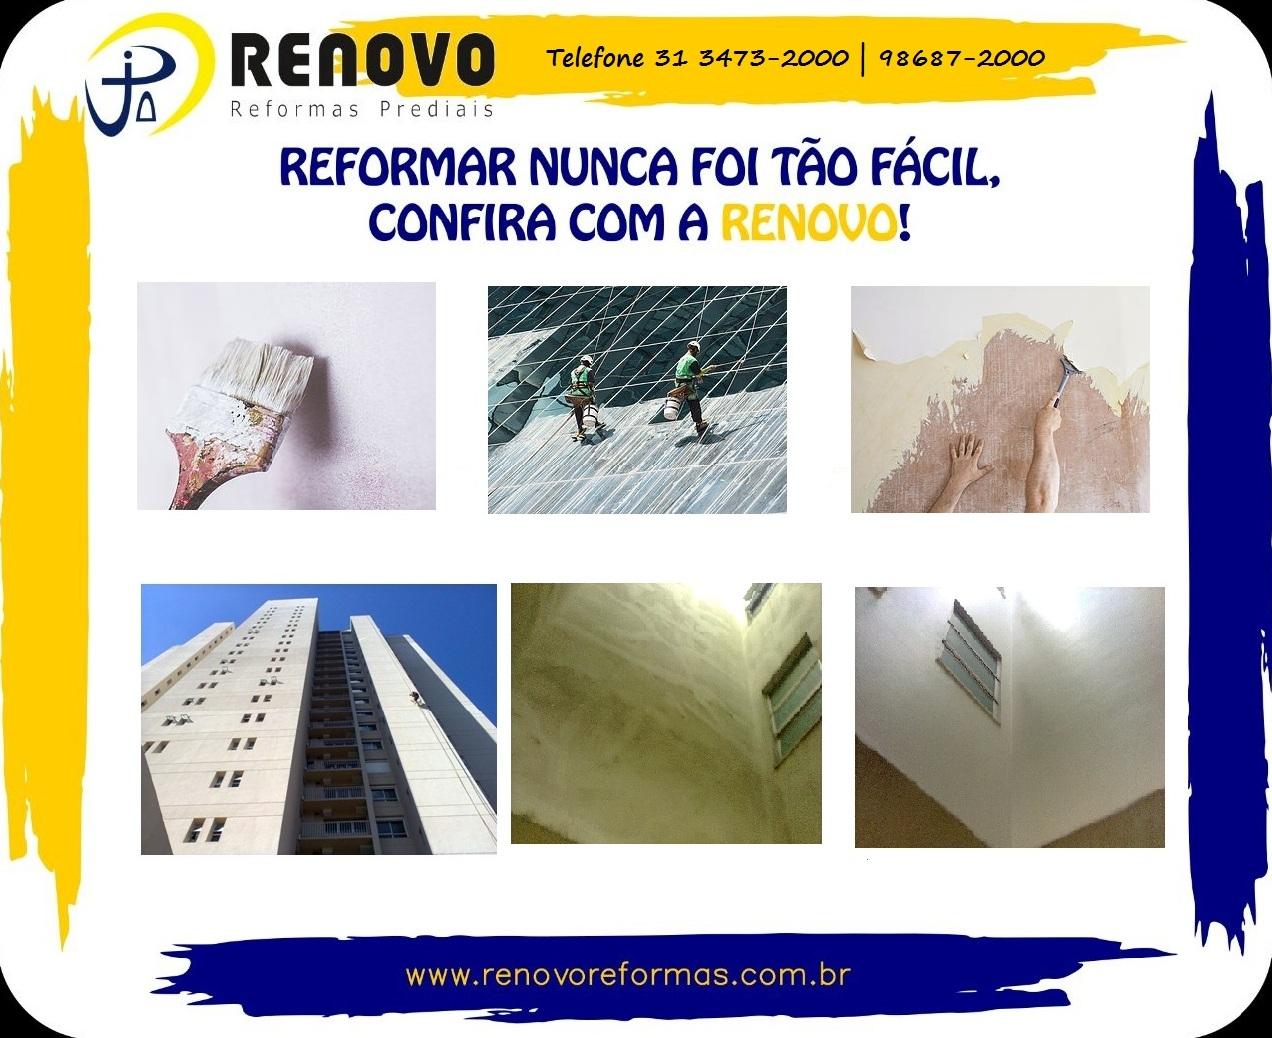 Renovo-Reformas-Prediais-Limpeza-de-Fachada-BH